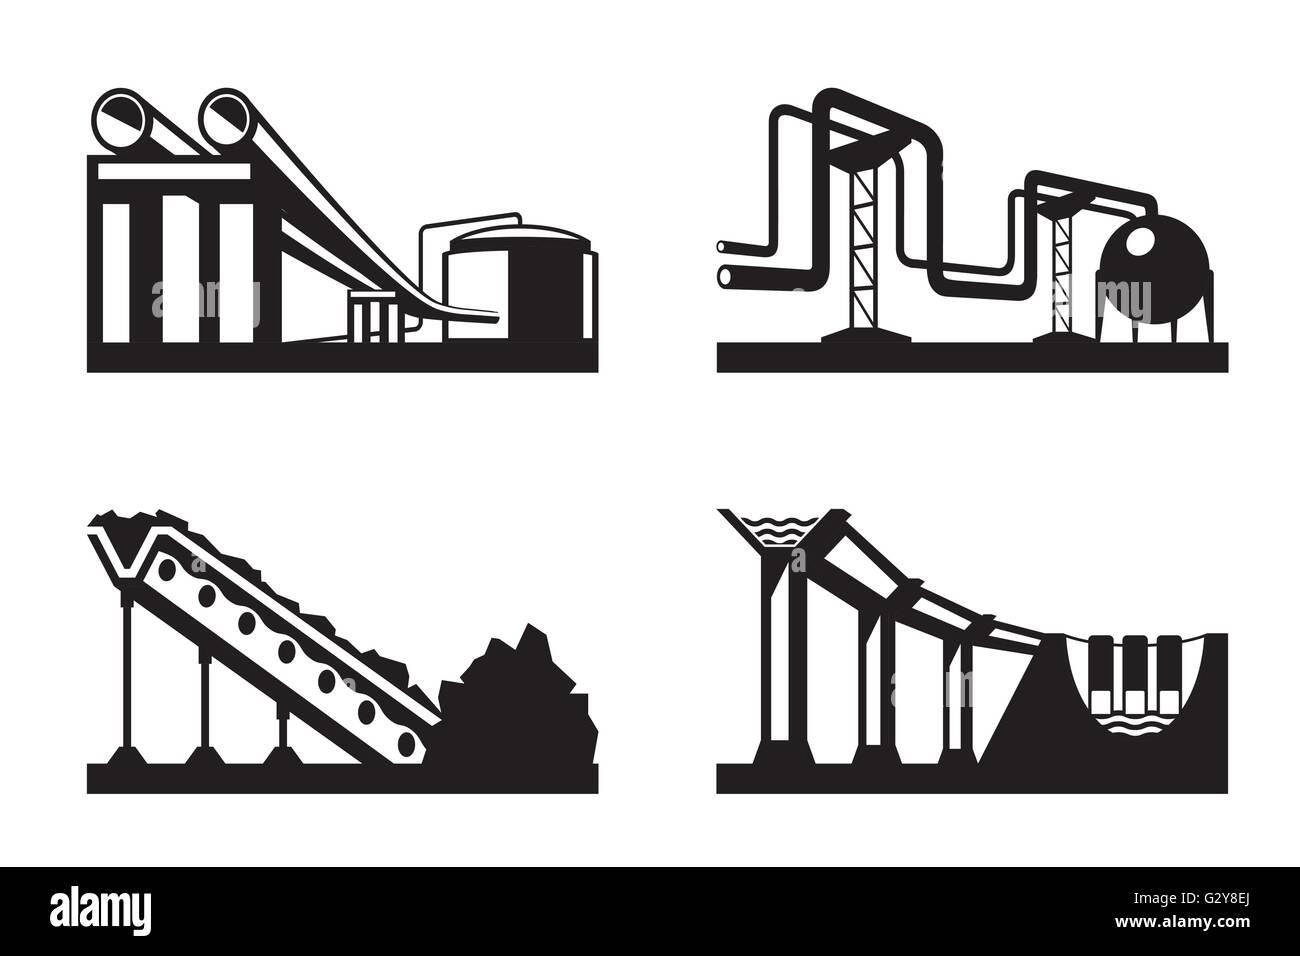 Des entrepôts de ressources naturelles - vector illustration Photo Stock